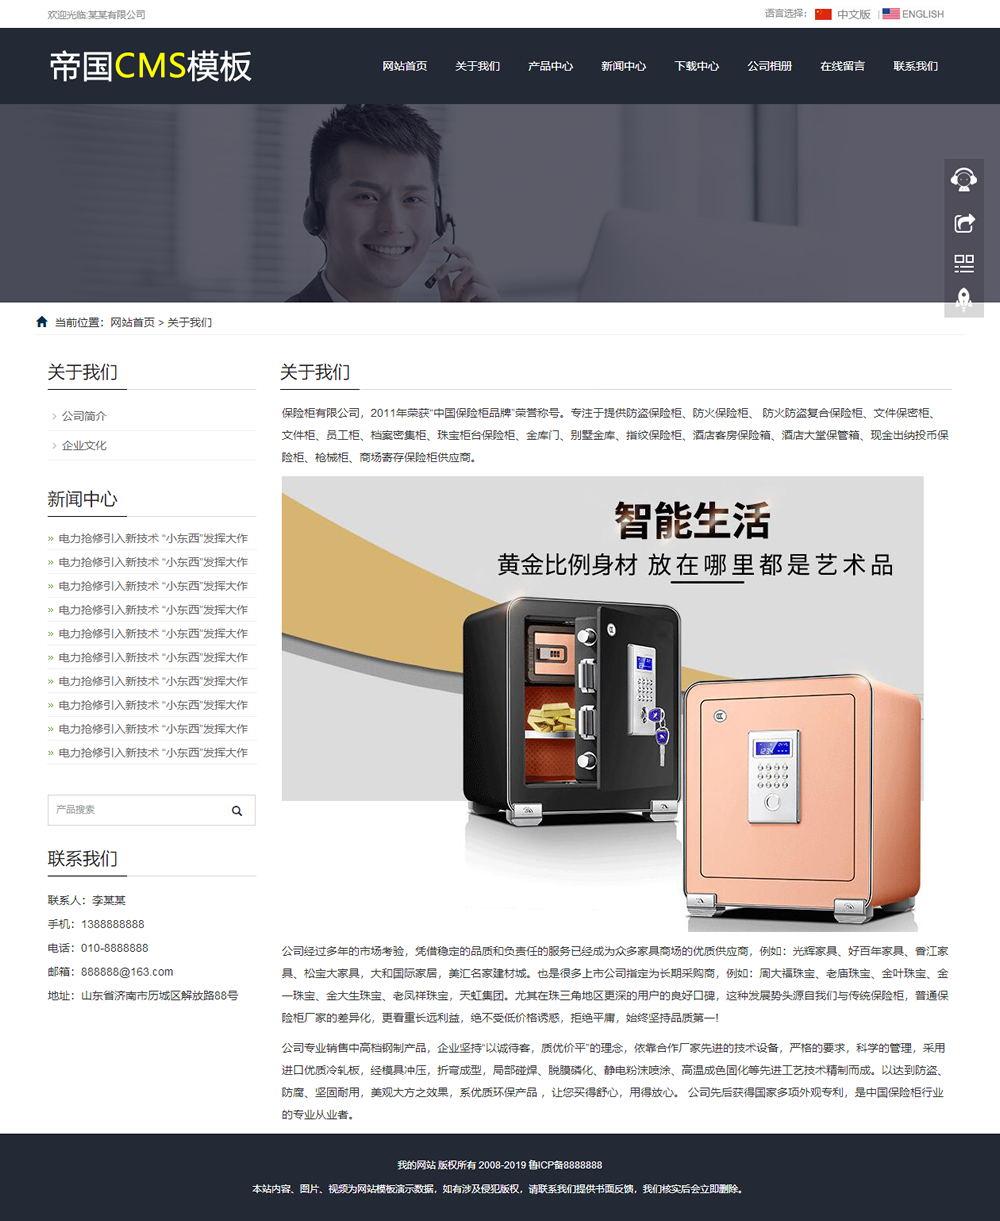 帝国CMS中英文双语响应式自适应通用公司企业网站模板_单页